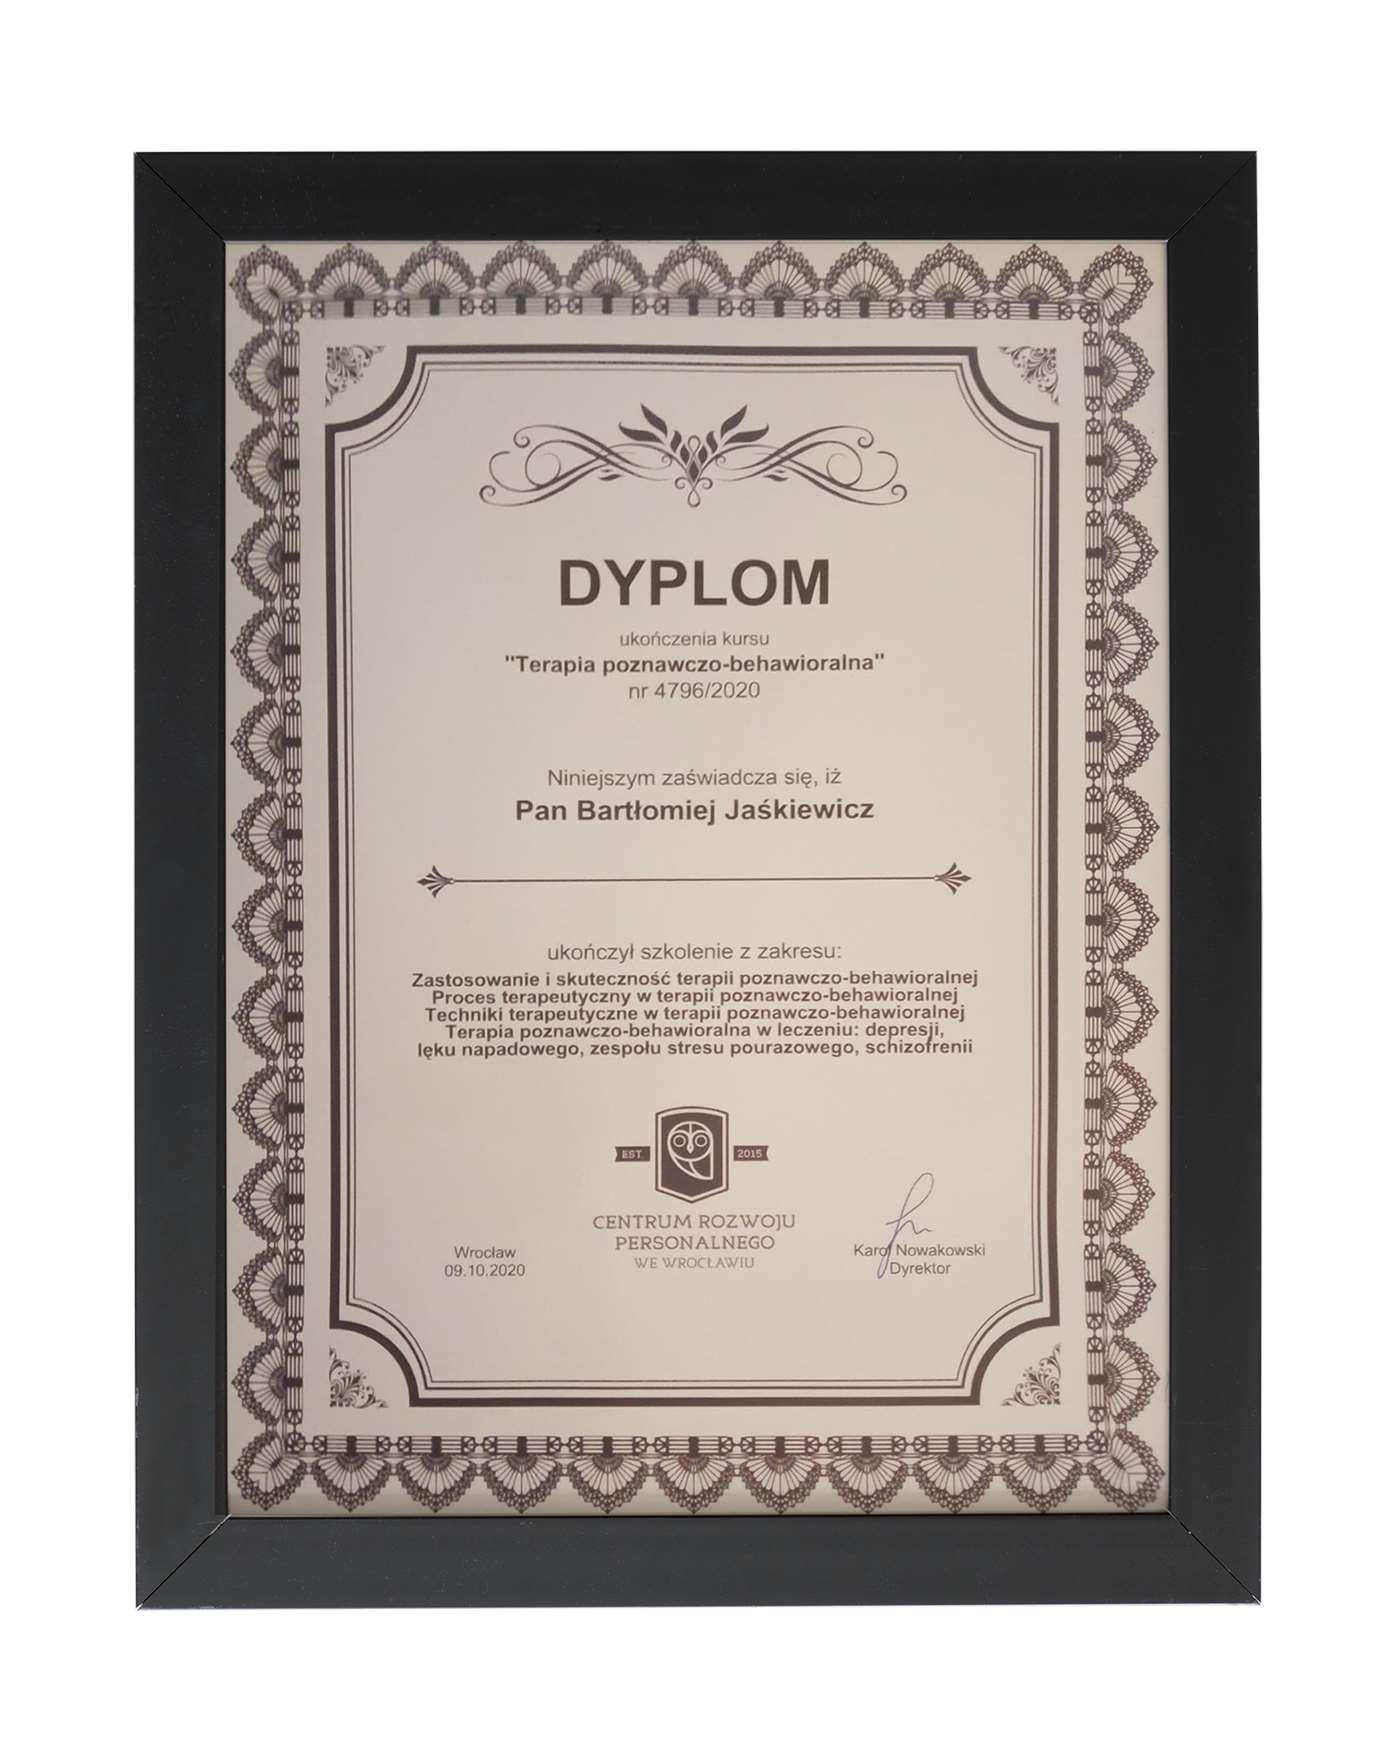 Certyfikat ukończenia kursu - szkolenia z terapii poznawczo-behawioralnej dla terapeuty Bartłomieja Jaśkiewicza